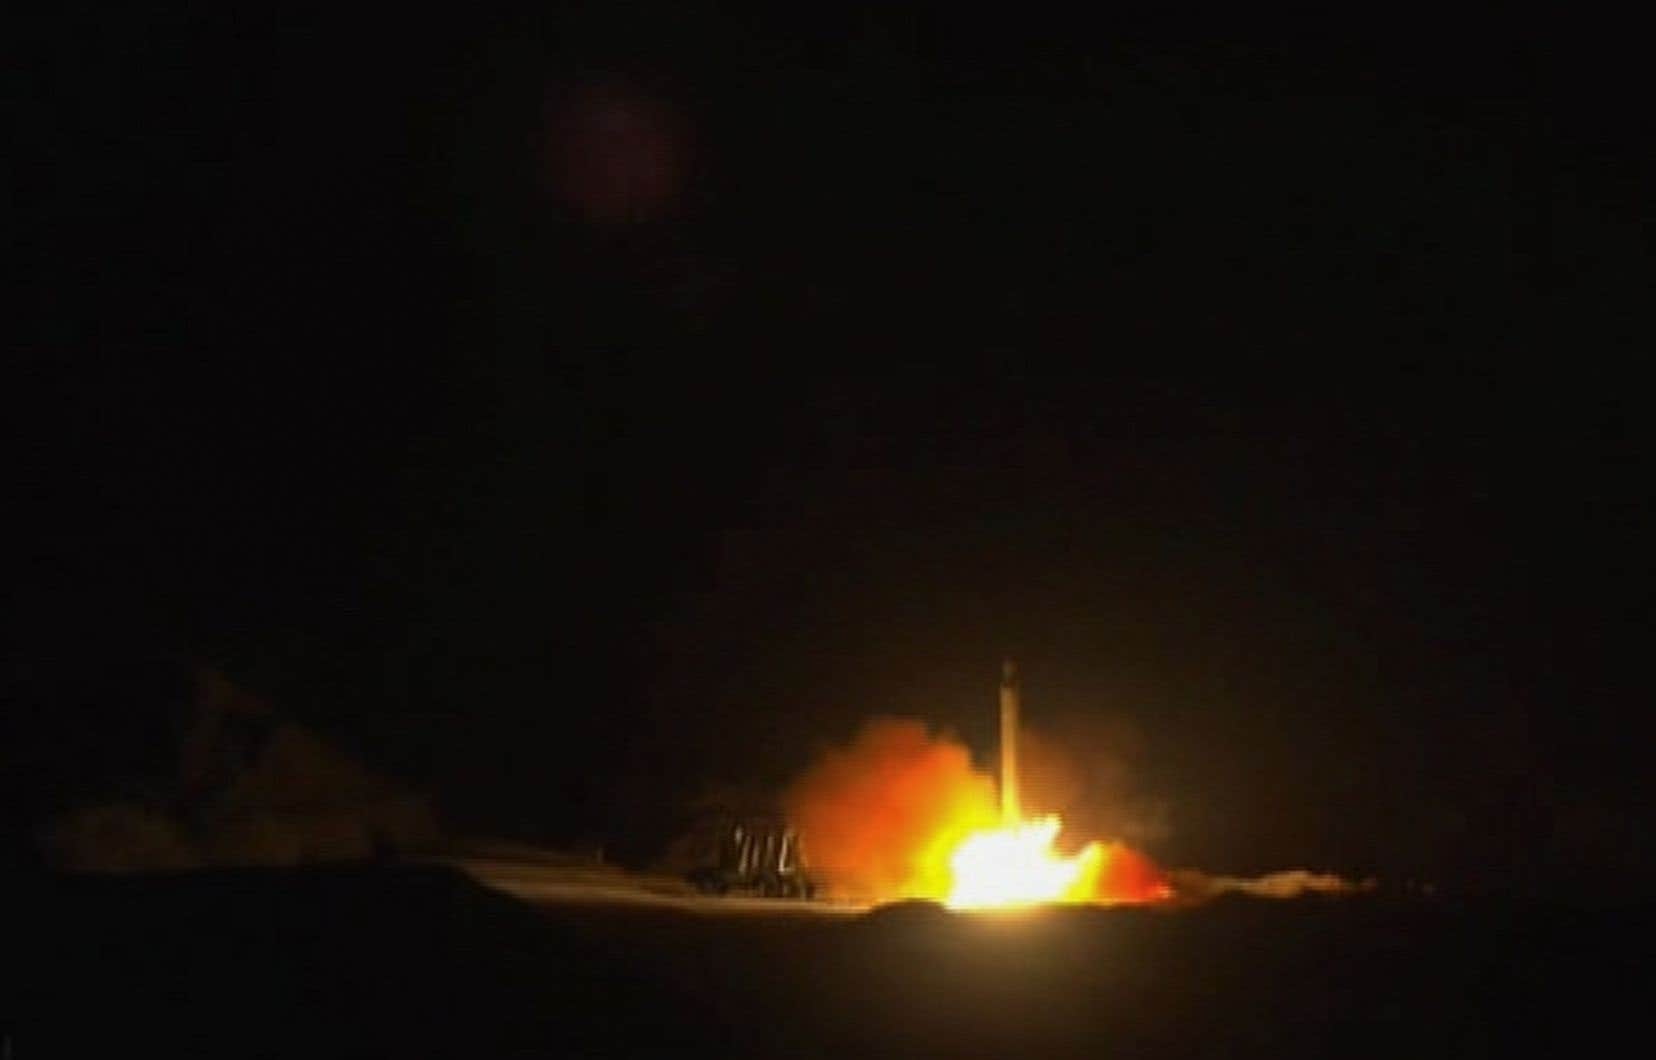 <p>Au lendemain des funérailles du général iranien, où une foule immense réclamait vengeance, Téhéran a frappé en soignant les symboles: ses tirs ont eu lieu à l'heure exacte où une frappe de drone américain tuait le général Soleimani à Bagdad cinq jours plus tôt.</p>